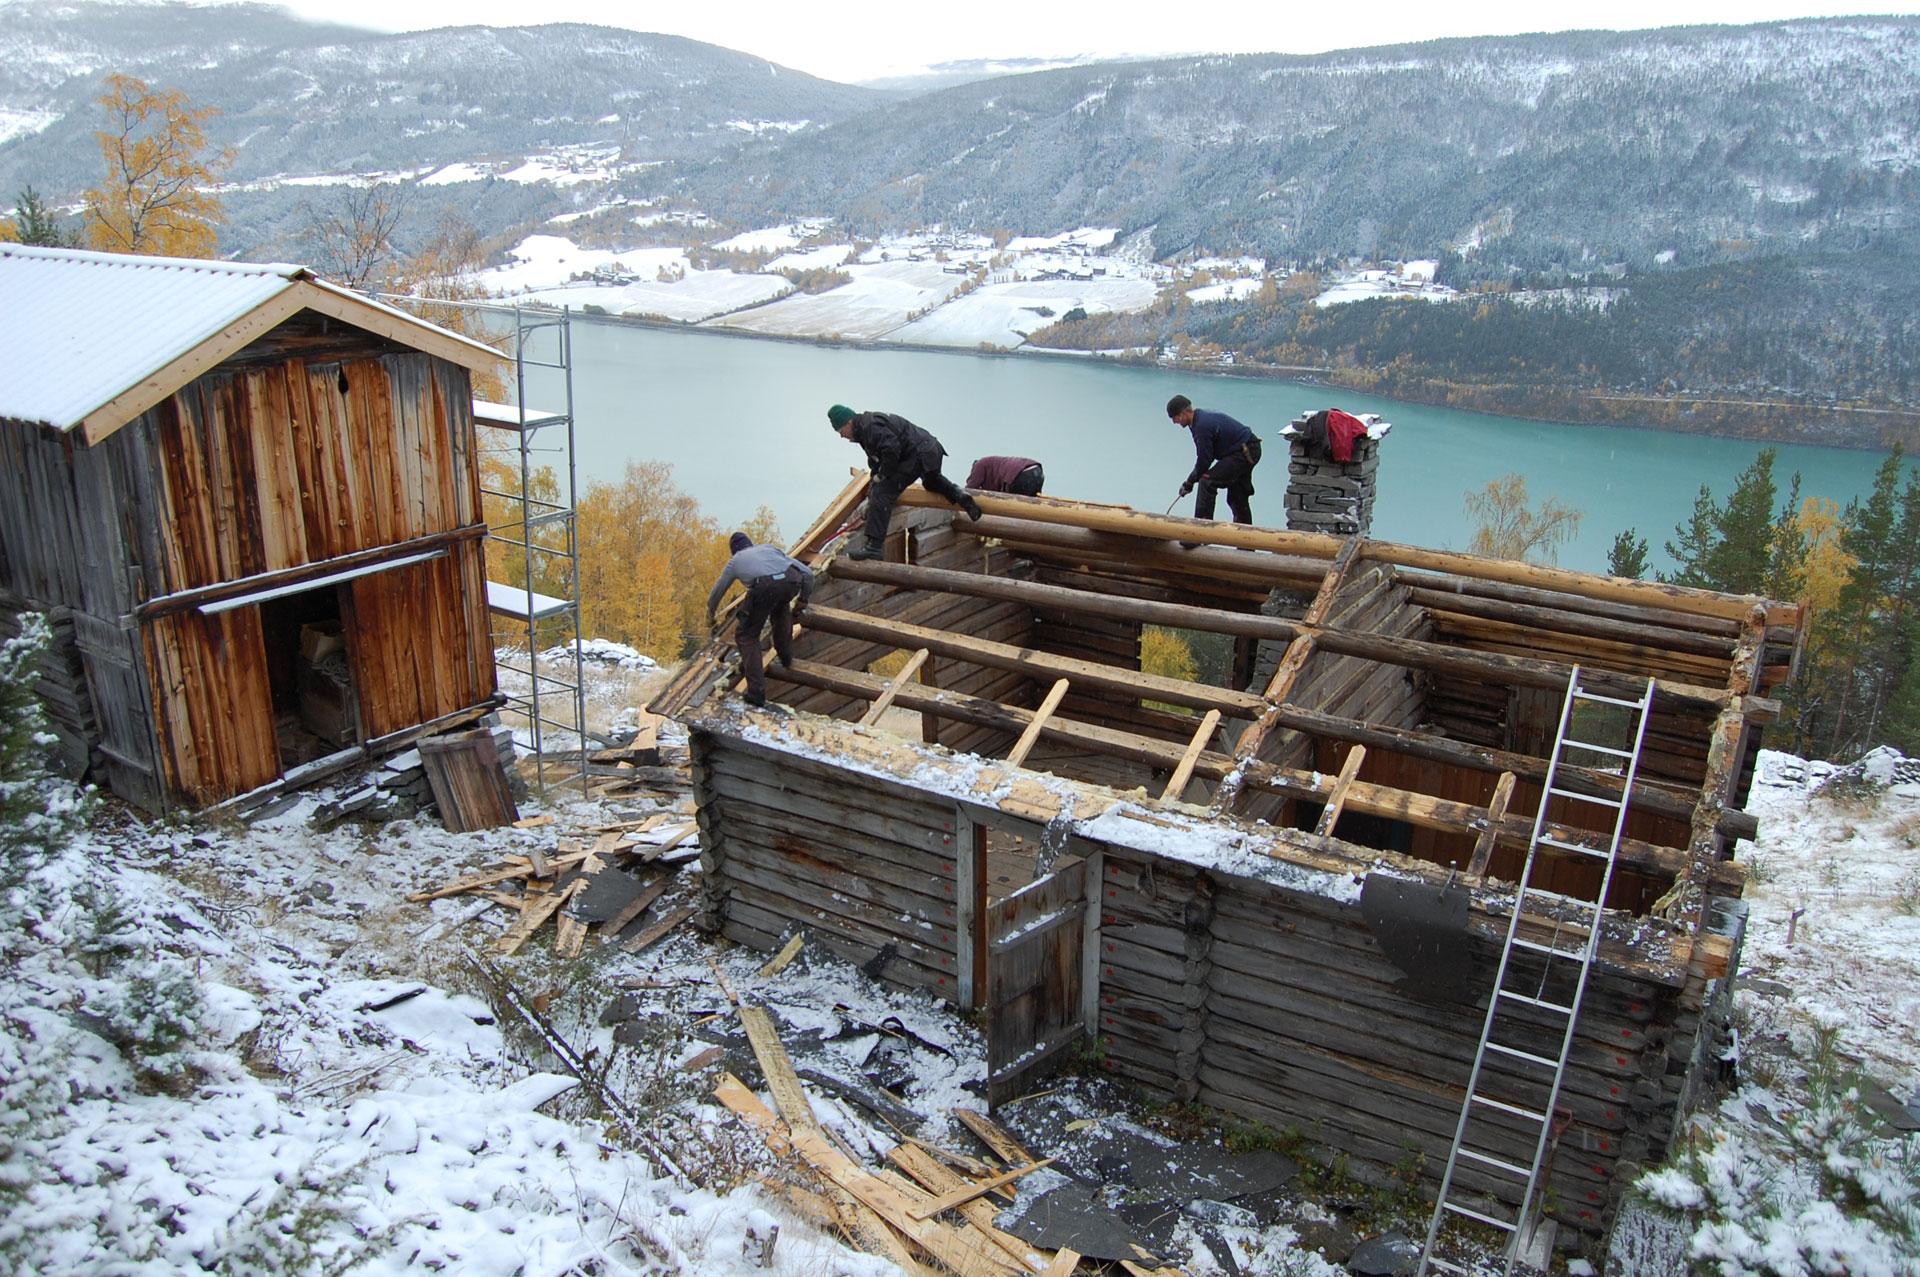 Håndverkere på tak av et hus. Bildet viser et næmingoppdrag ved Hjerleid. Næmingene (elevene) restaurerer et hestgjeterstue i Nordherad i Vågå.